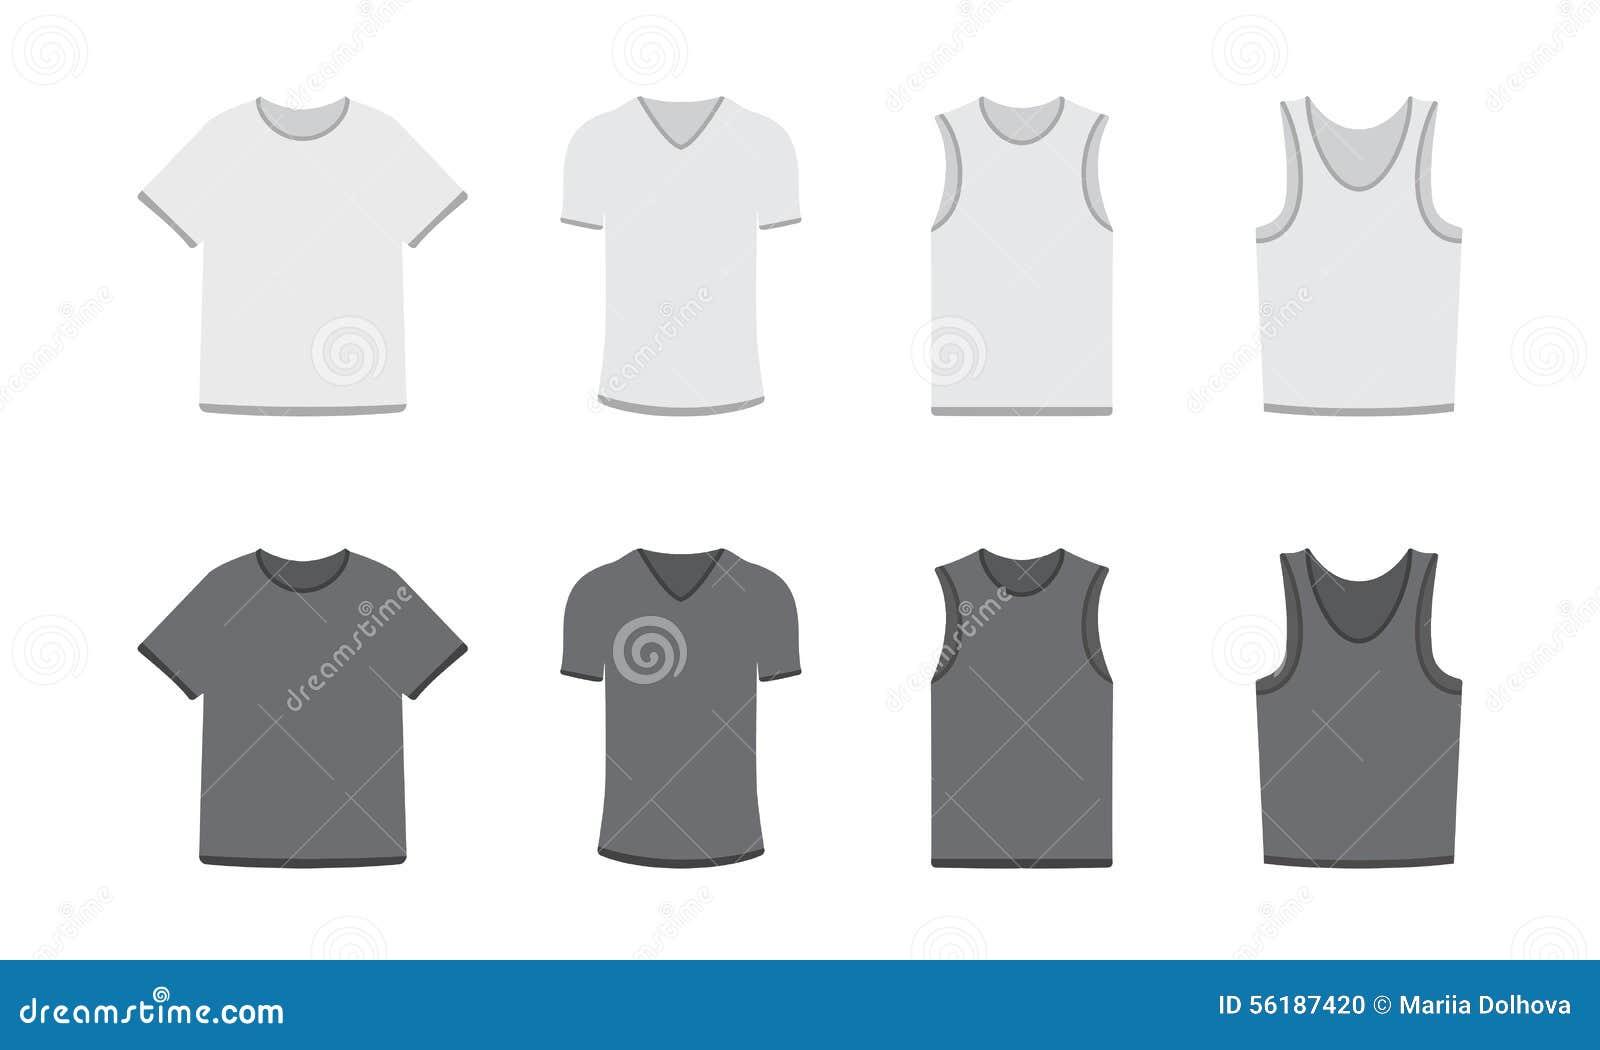 HD wallpapers vector design t shirt